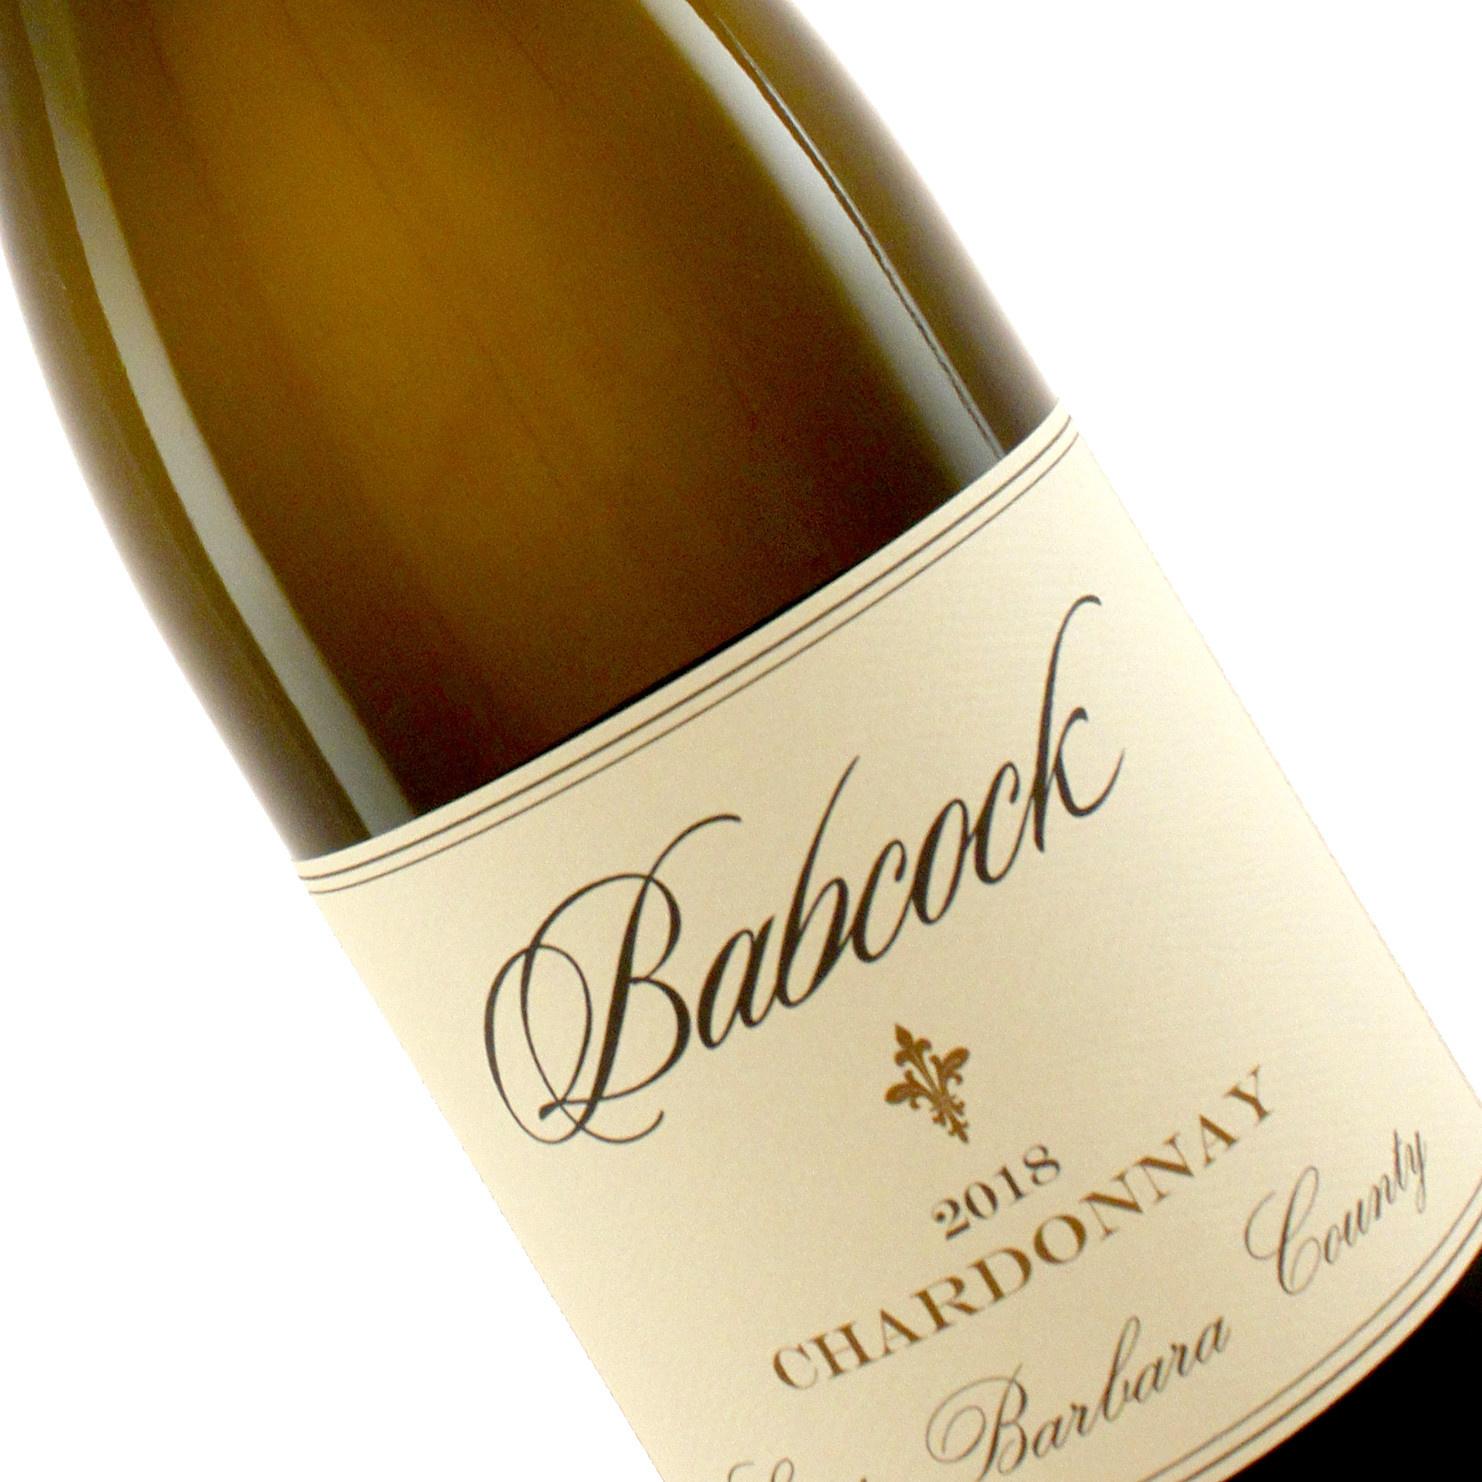 Babcock 2018 Chardonnay Santa Barbara County